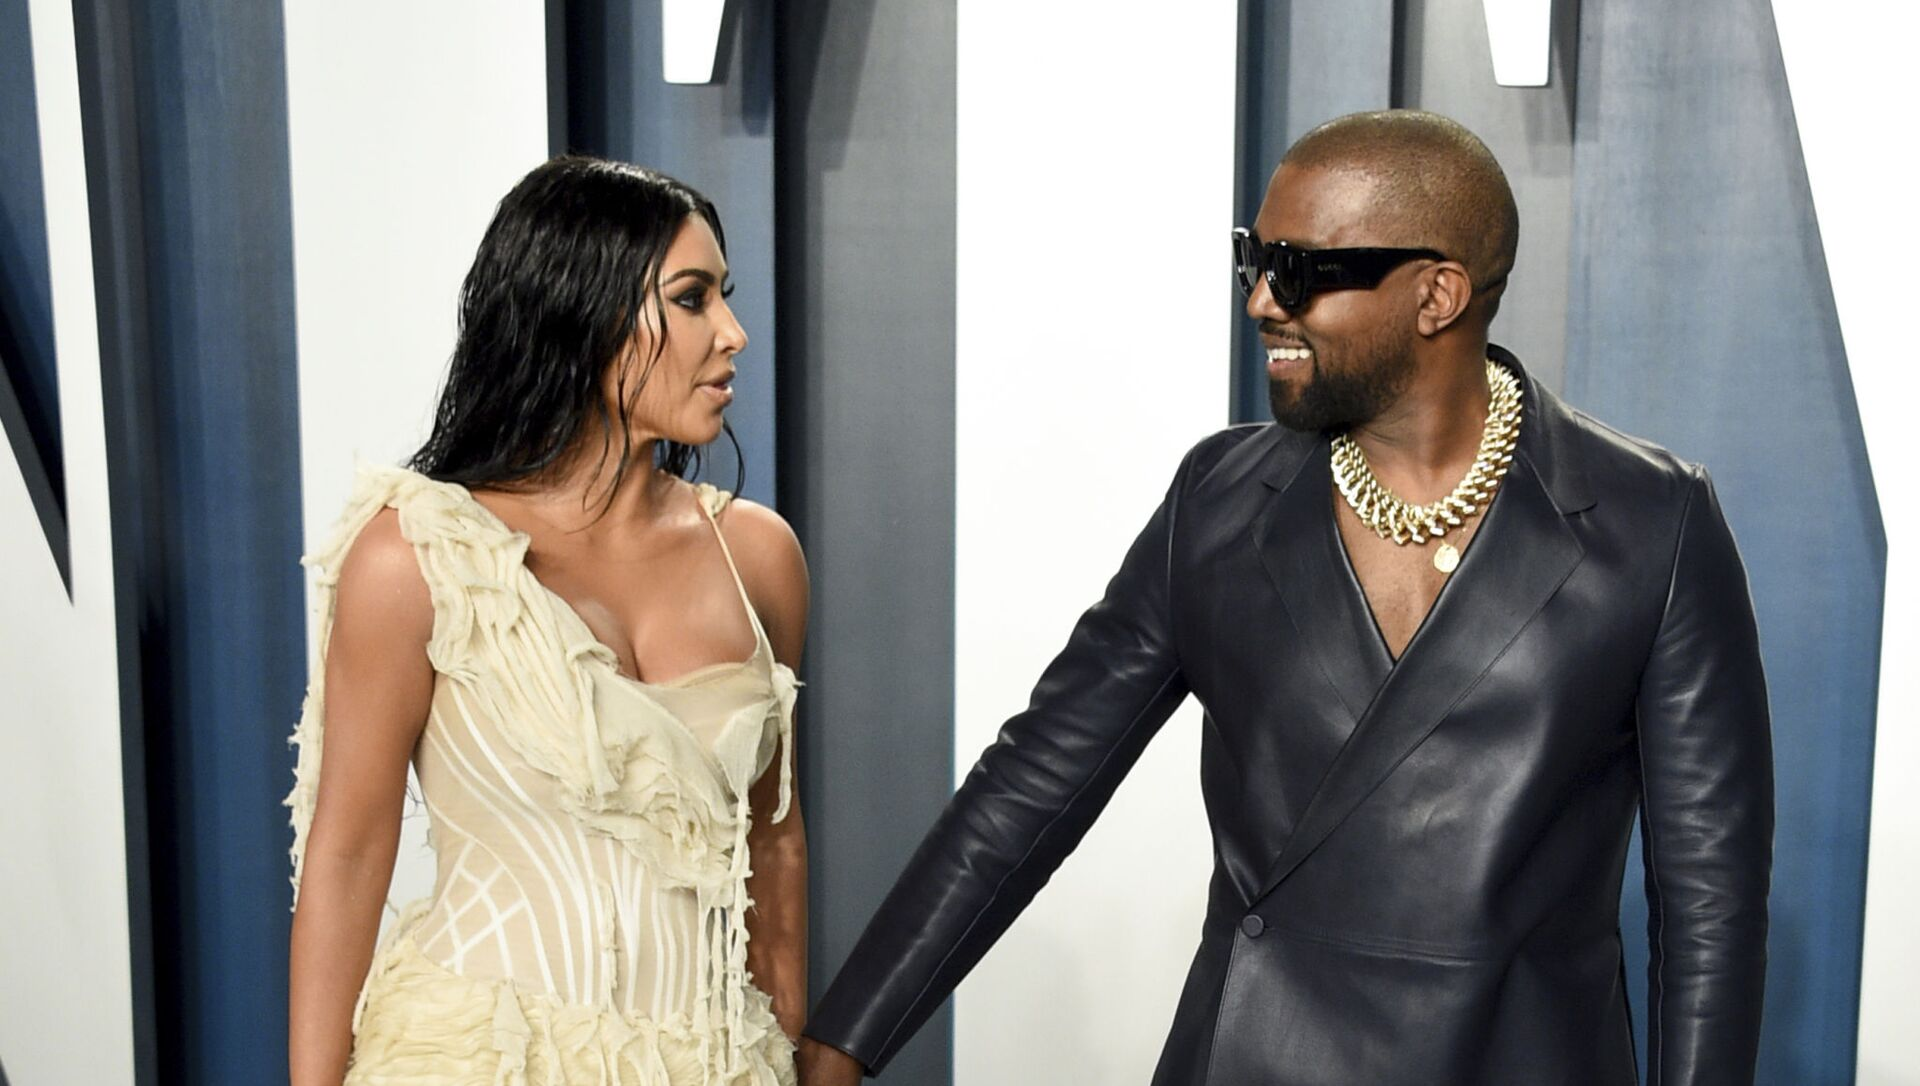 Ким Кардашьян и Канье Уэст на вечеринке Vanity Fair Oscar Party в Беверли-Хиллз (9 февраля 2020). Калифорния - Sputnik Армения, 1920, 08.08.2021